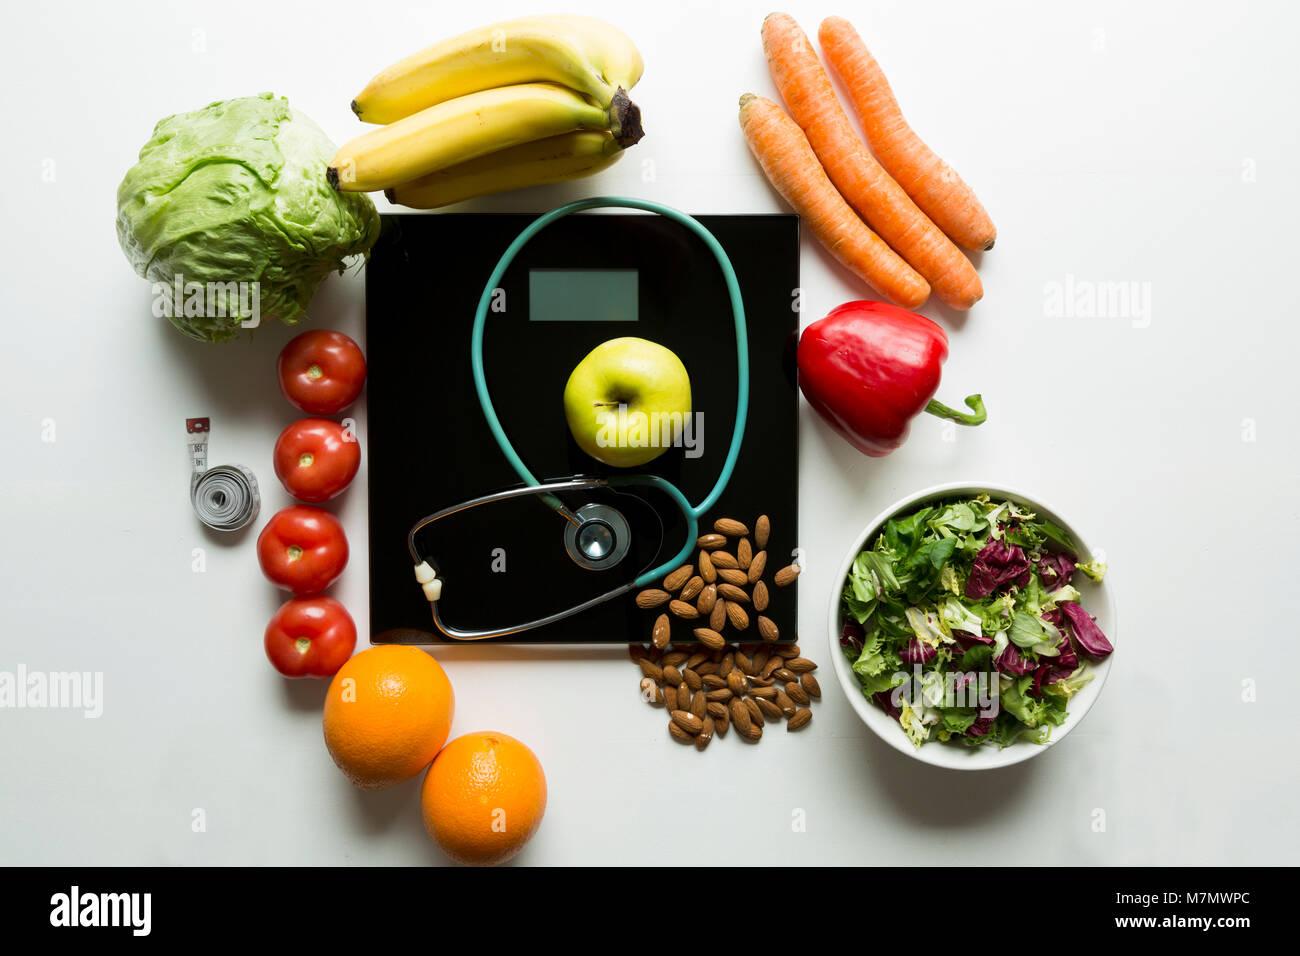 Una sana frutta, verdura e lo stetoscopio sulla bilancia. La perdita di peso e il giusto concetto di nutrizione Immagini Stock